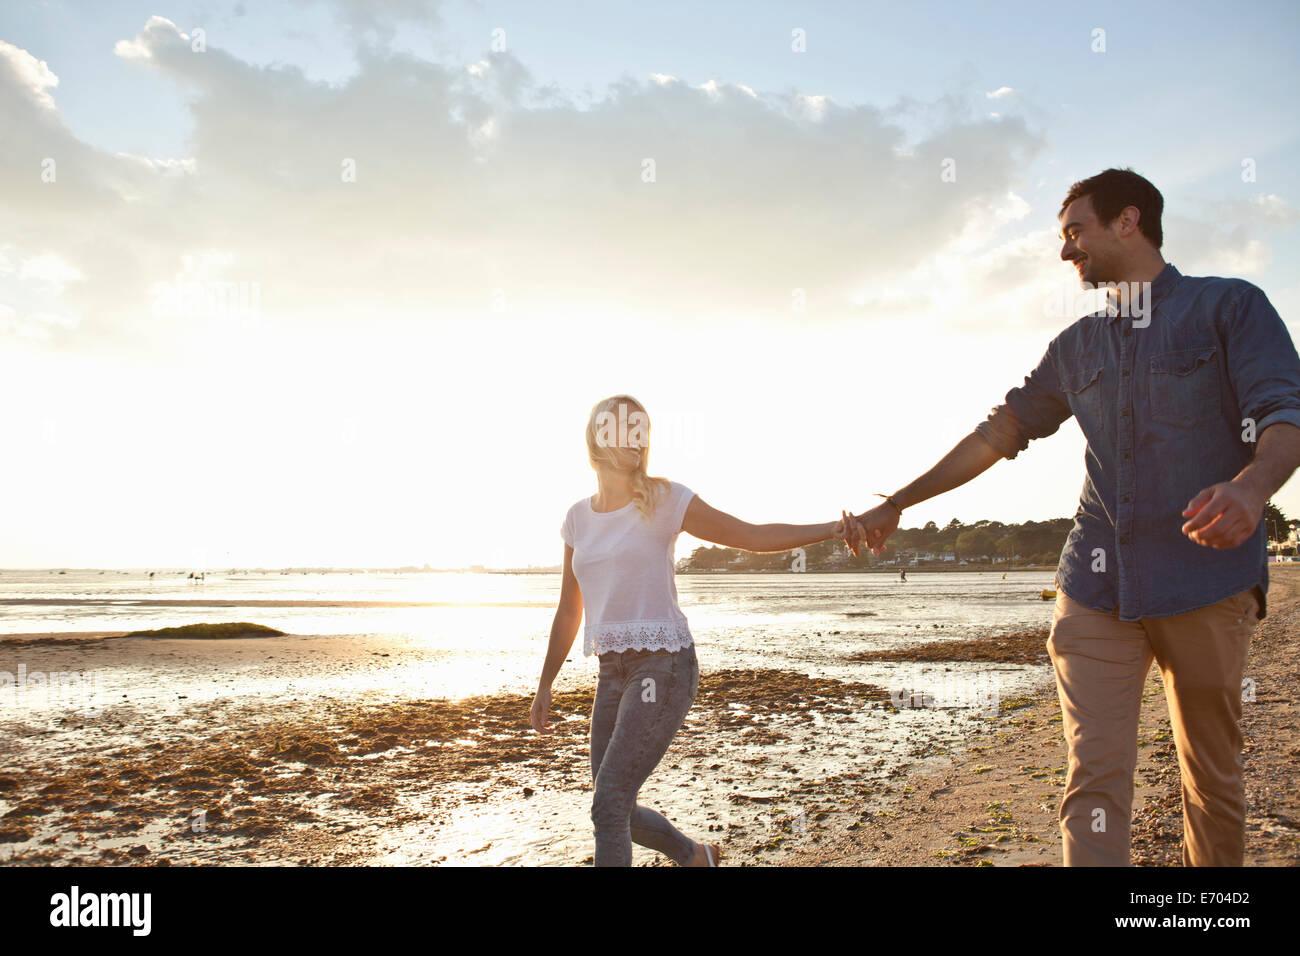 Jeune couple walking on beach Photo Stock